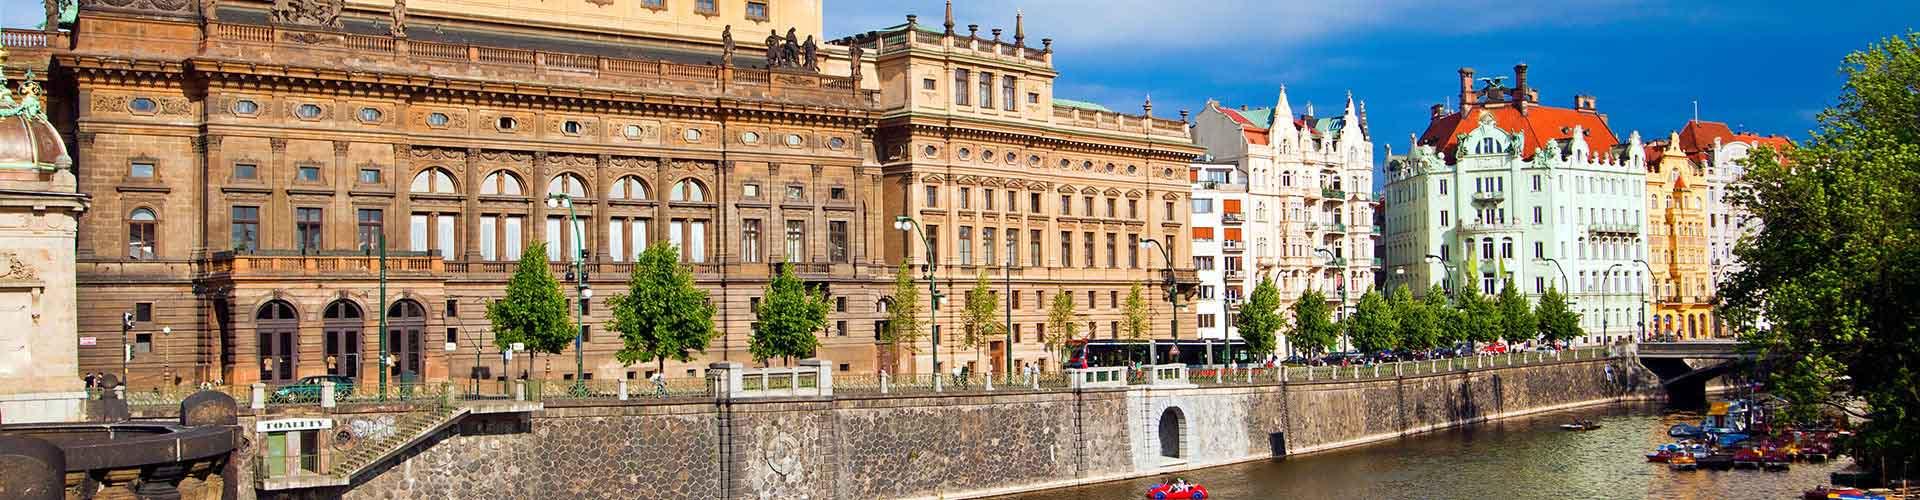 Prag – Hostels in der Nähe von Nationaltheater. Prag auf der Karte. Fotos und Bewertungen für jedes Hostel in Prag.